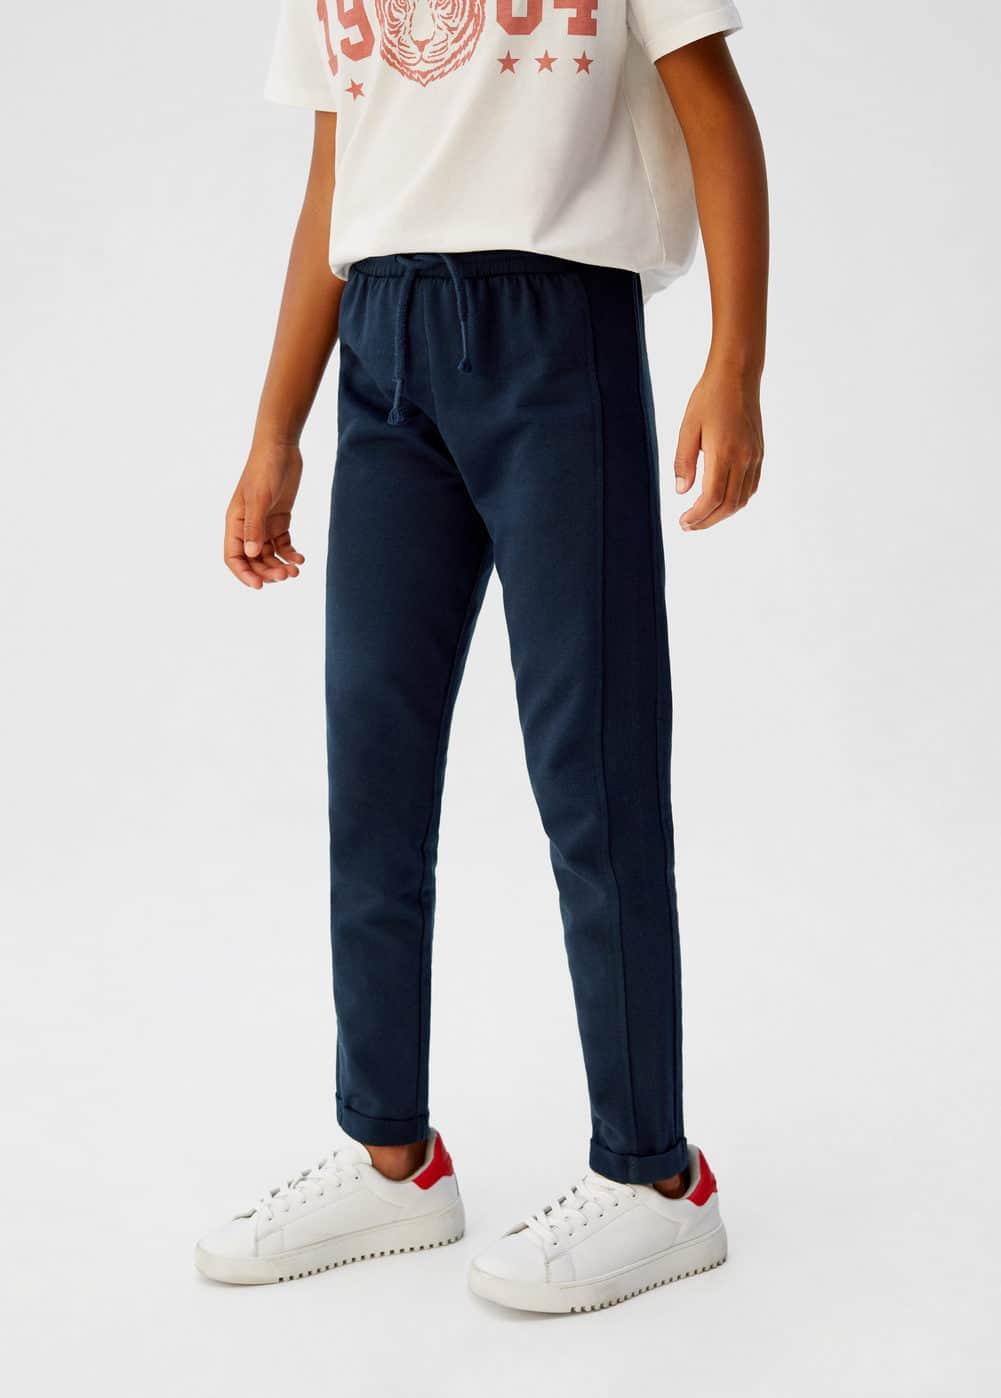 a-praga6:pantalon recto detalle lateral